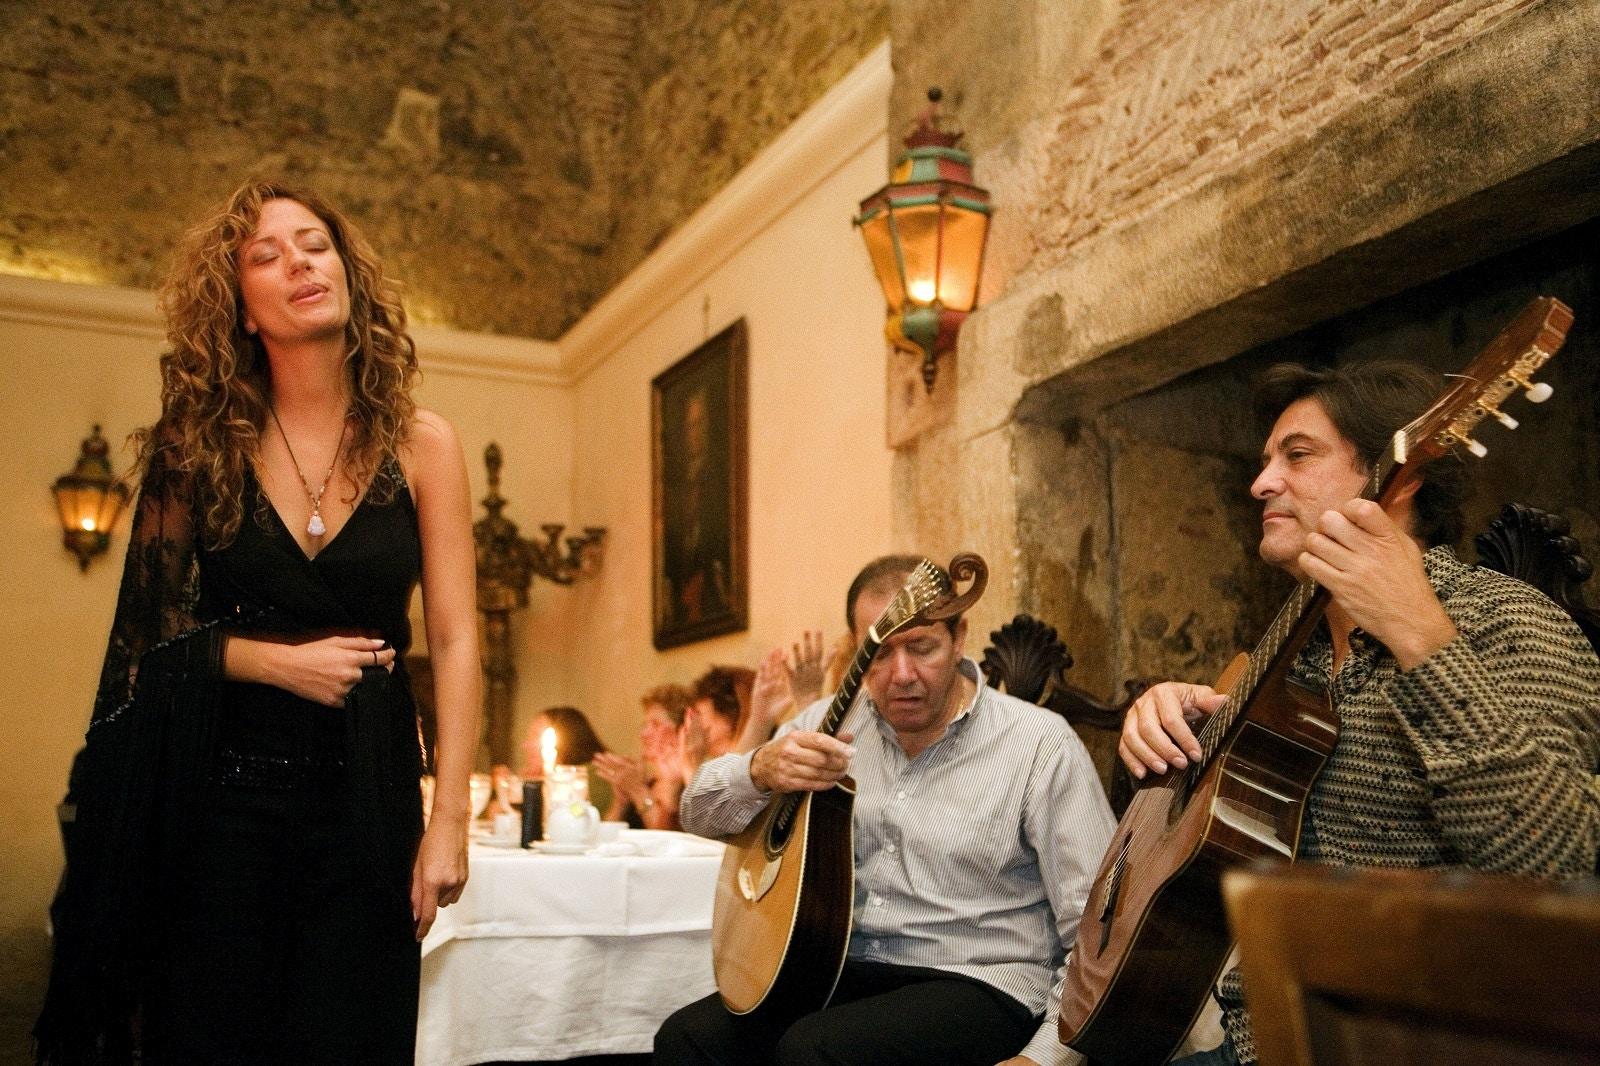 Fado singer Ana Moura in Bacalhau de Molho restaurant, Lisbon © OSOMEDIA